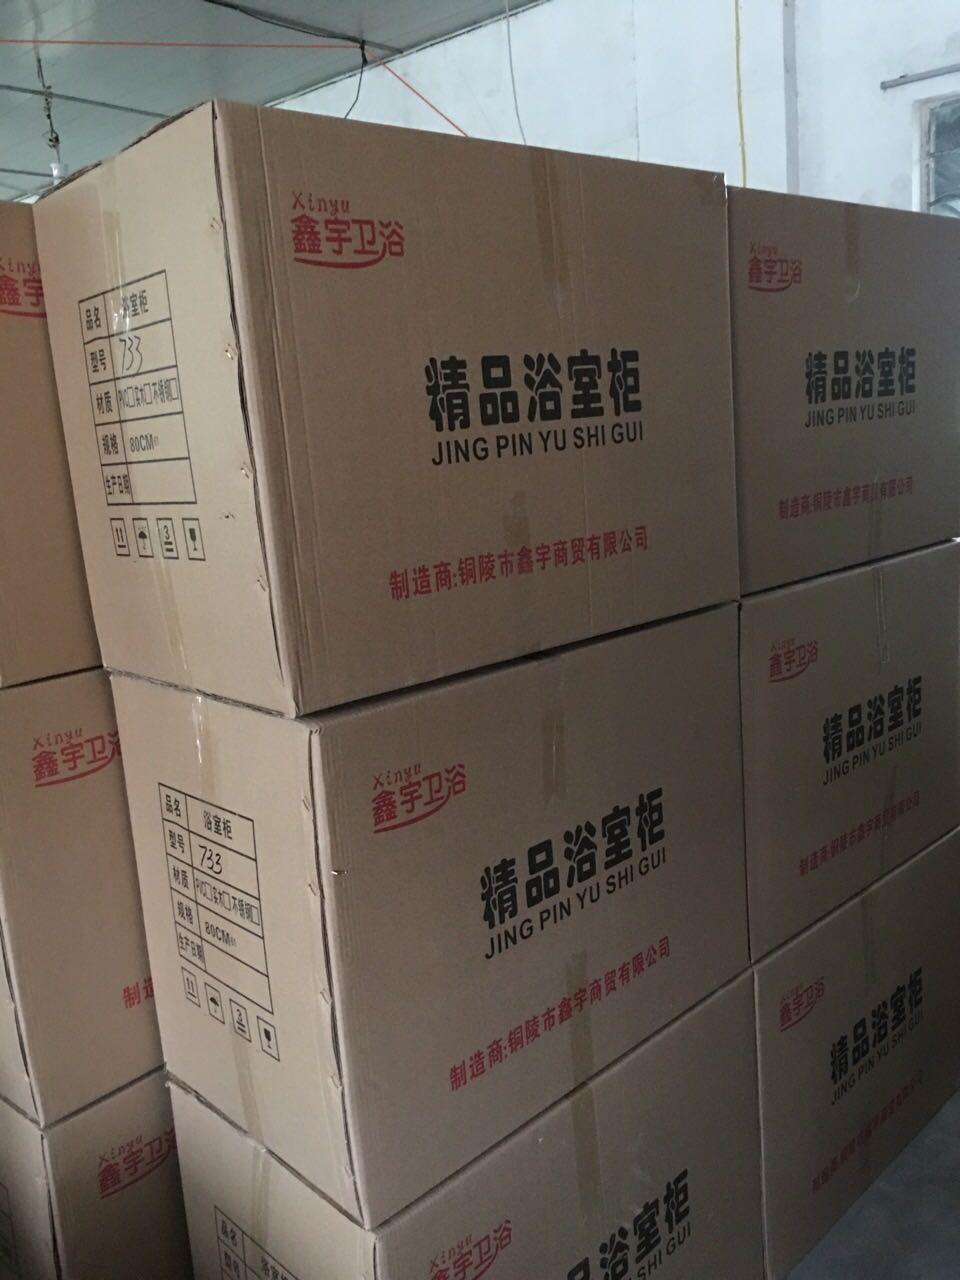 来自田小燕发布的商务合作信息:... - 鑫宇商贸有限公司